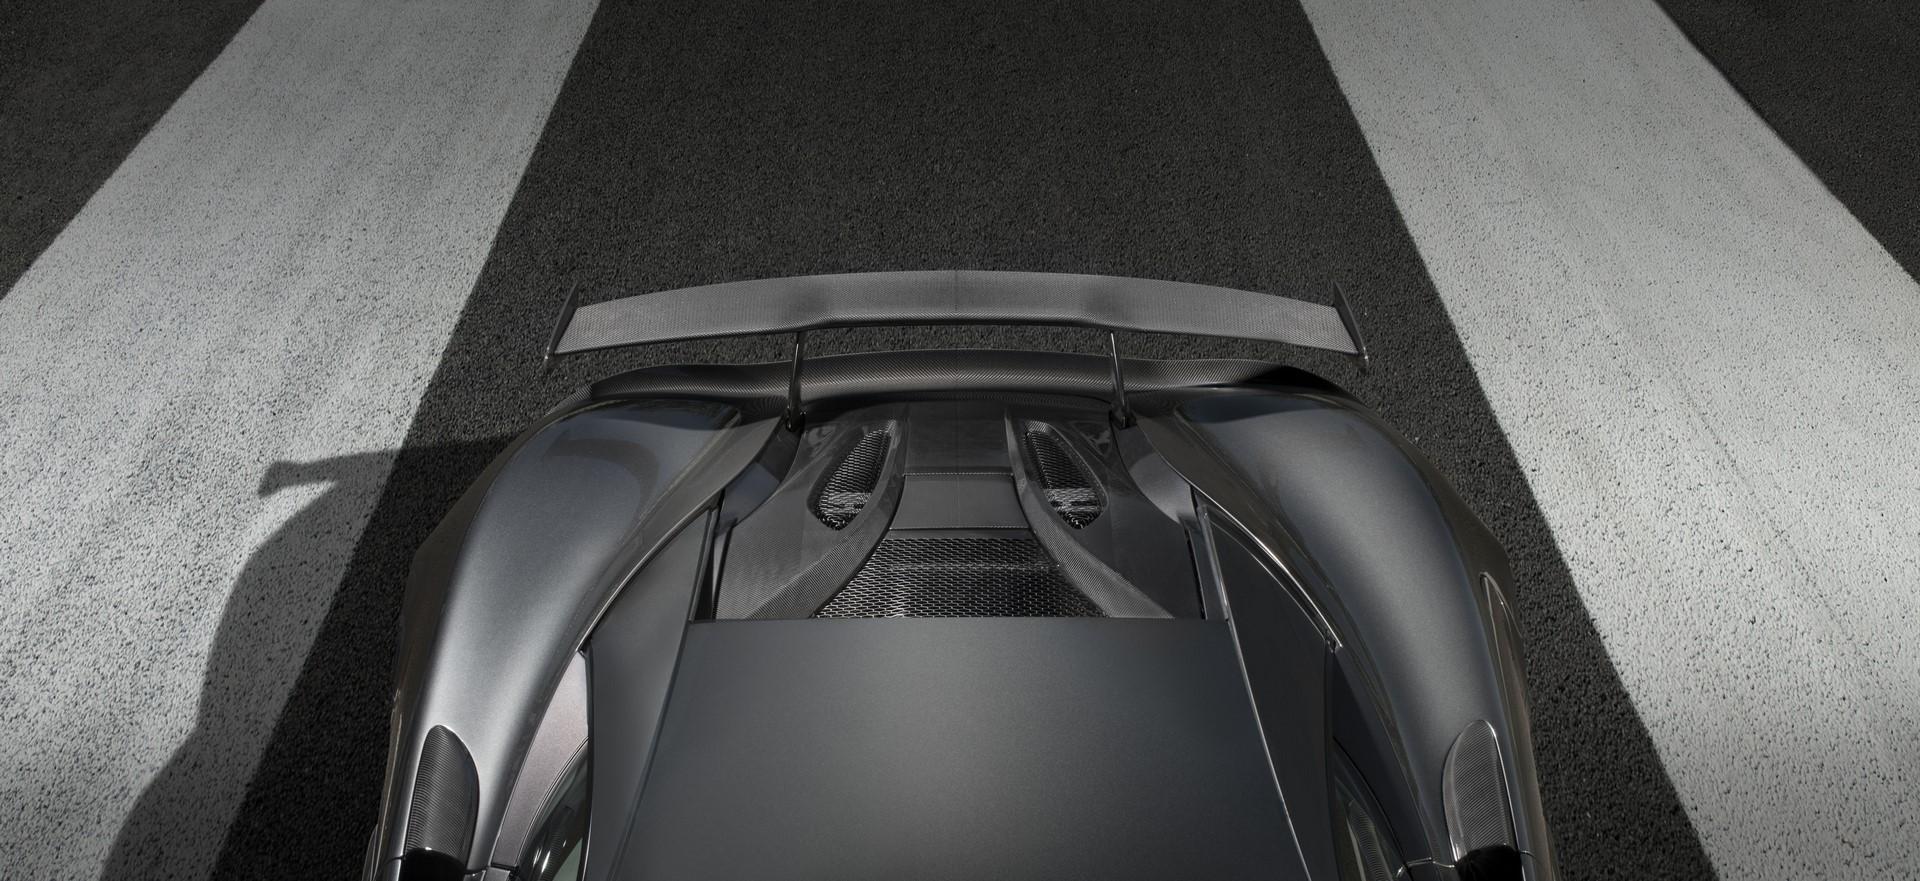 McLaren 570S Carbon